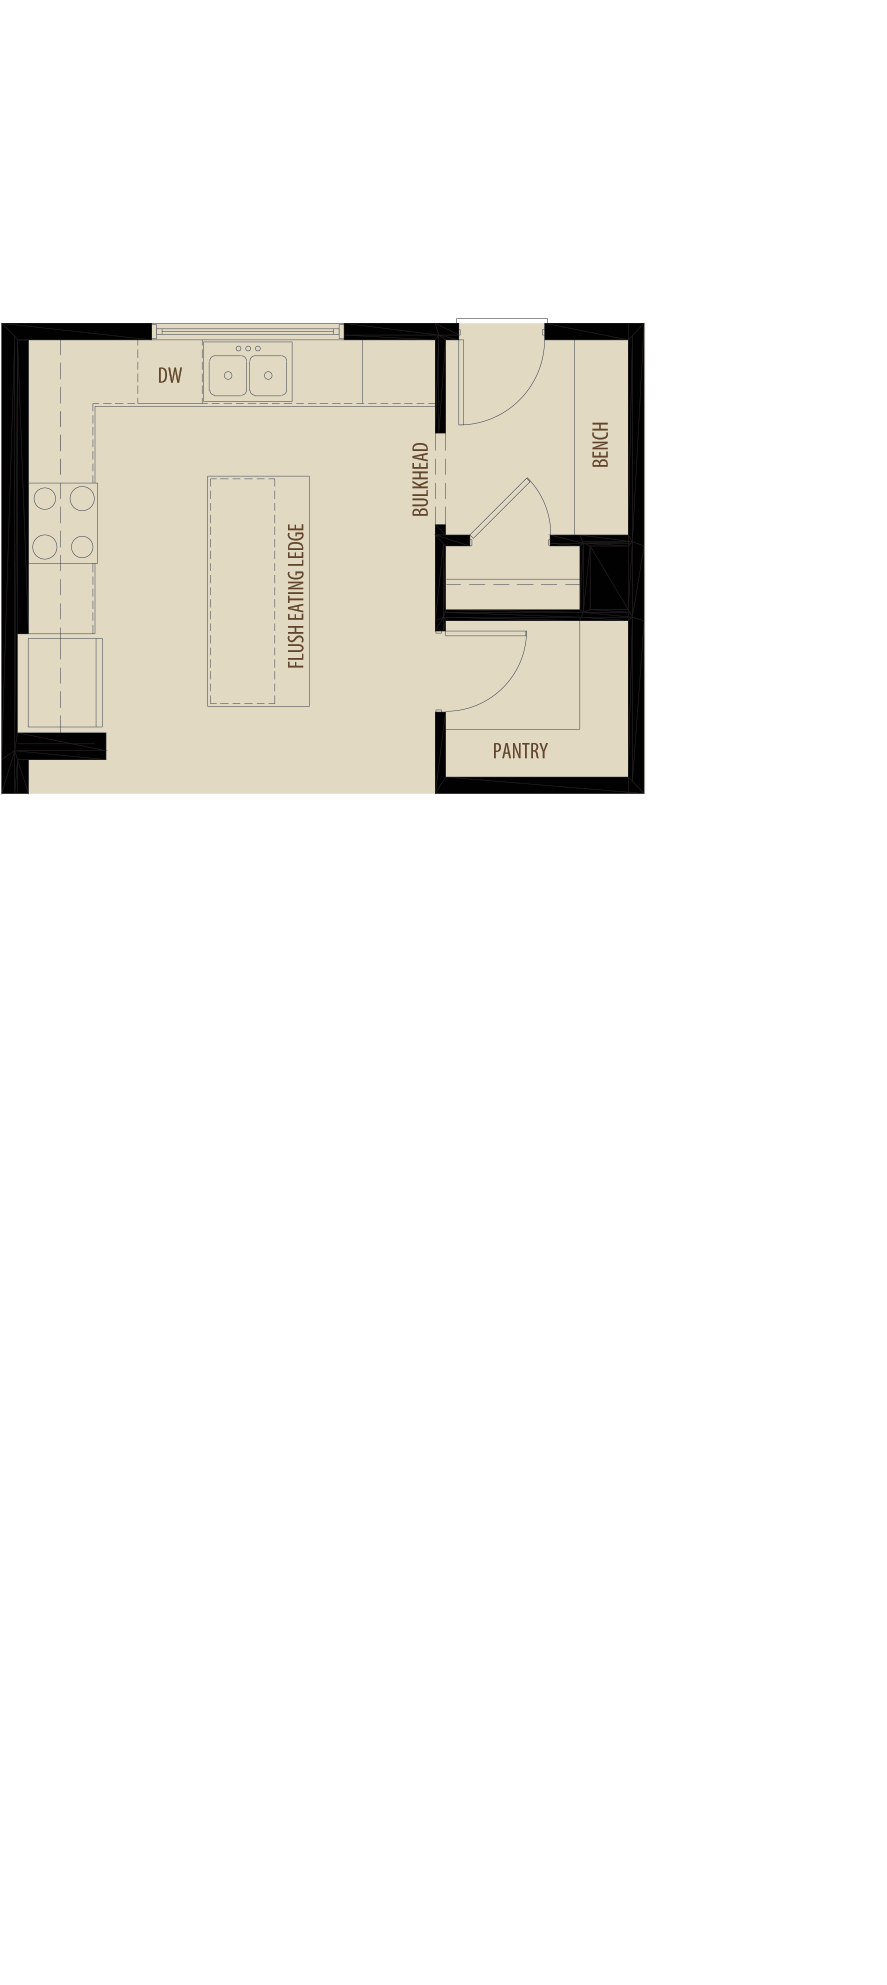 Rear Kitchen